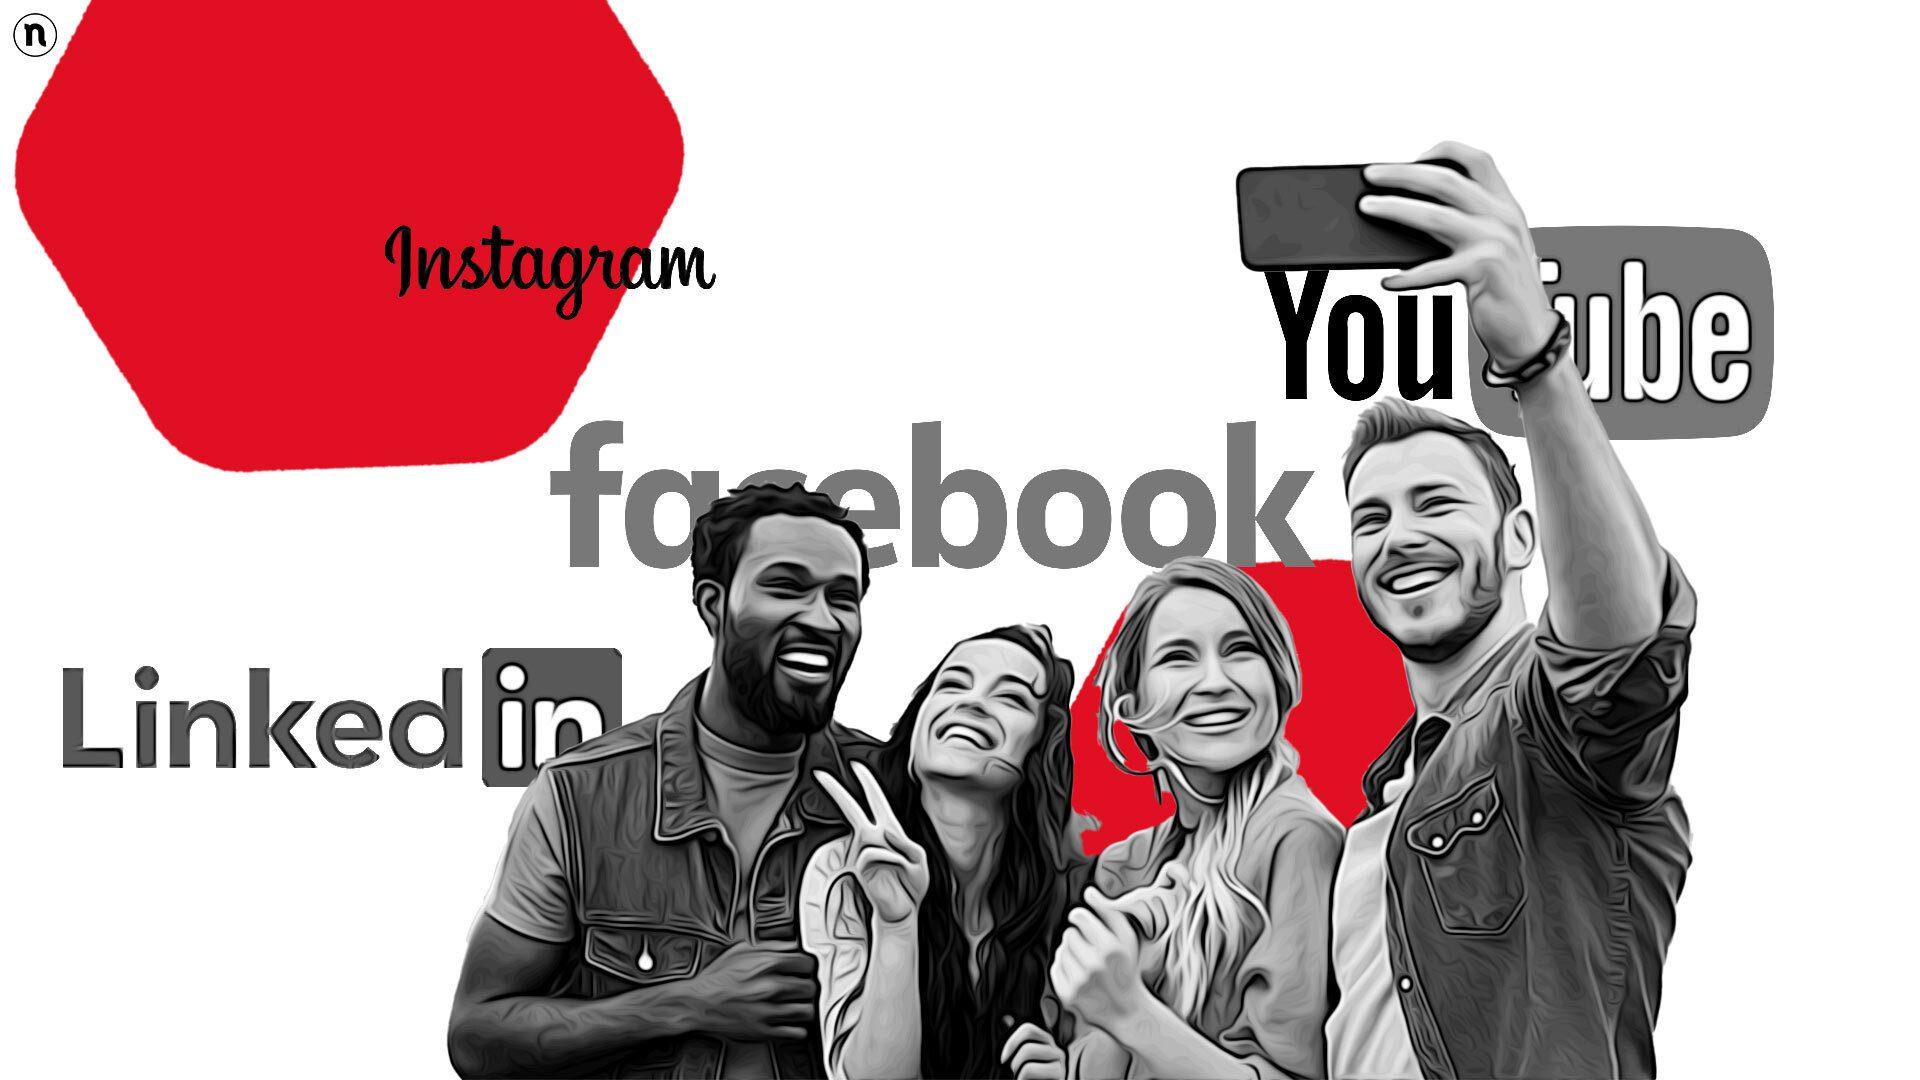 Ecco come sono diventate grandi YouTube, LinkedIn, Facebook e Instagram